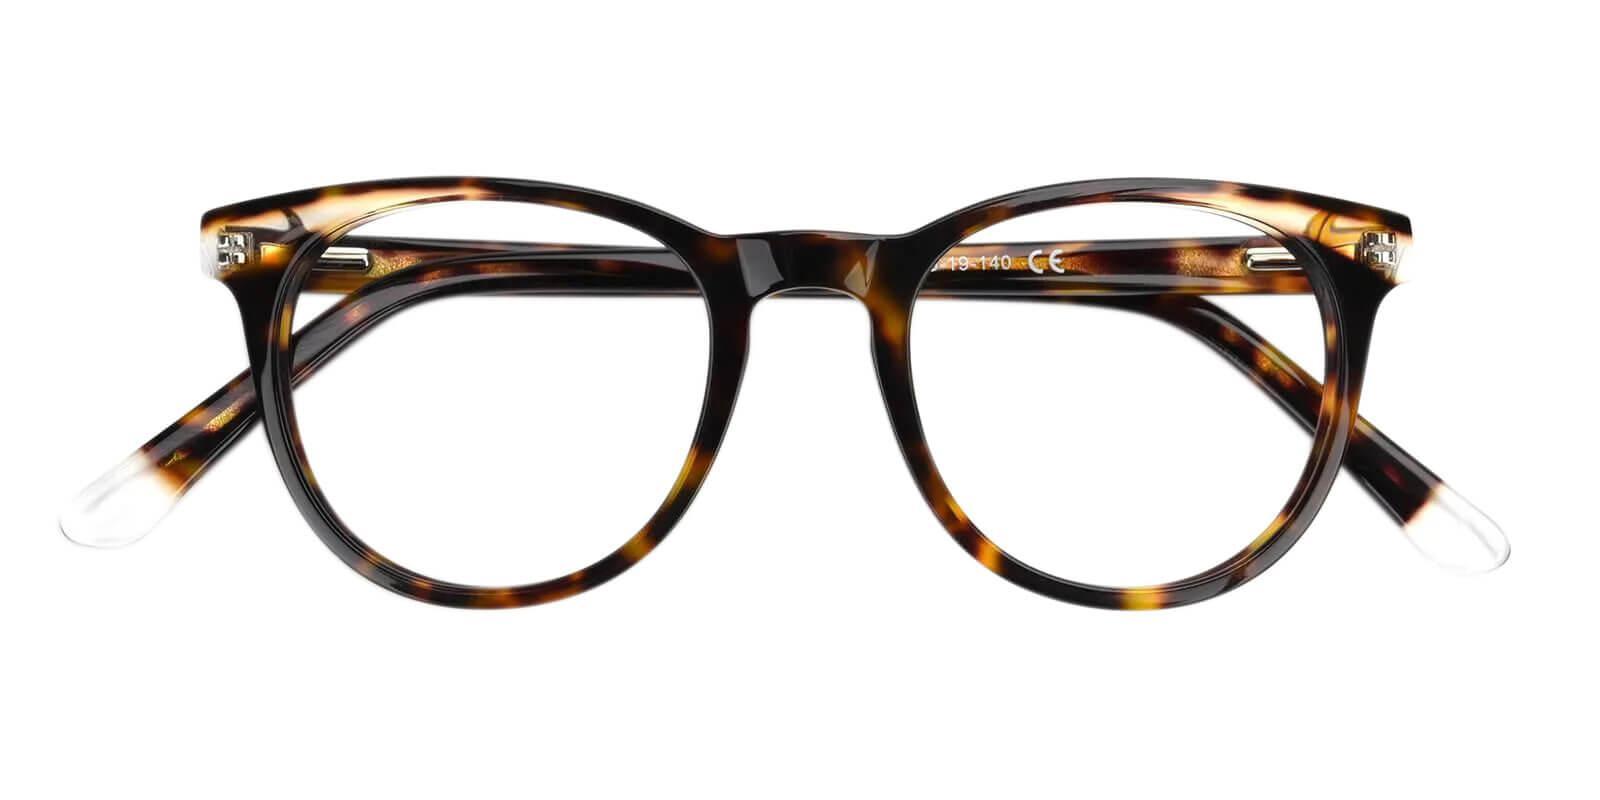 Dimona Tortoise Acetate Eyeglasses , UniversalBridgeFit Frames from ABBE Glasses